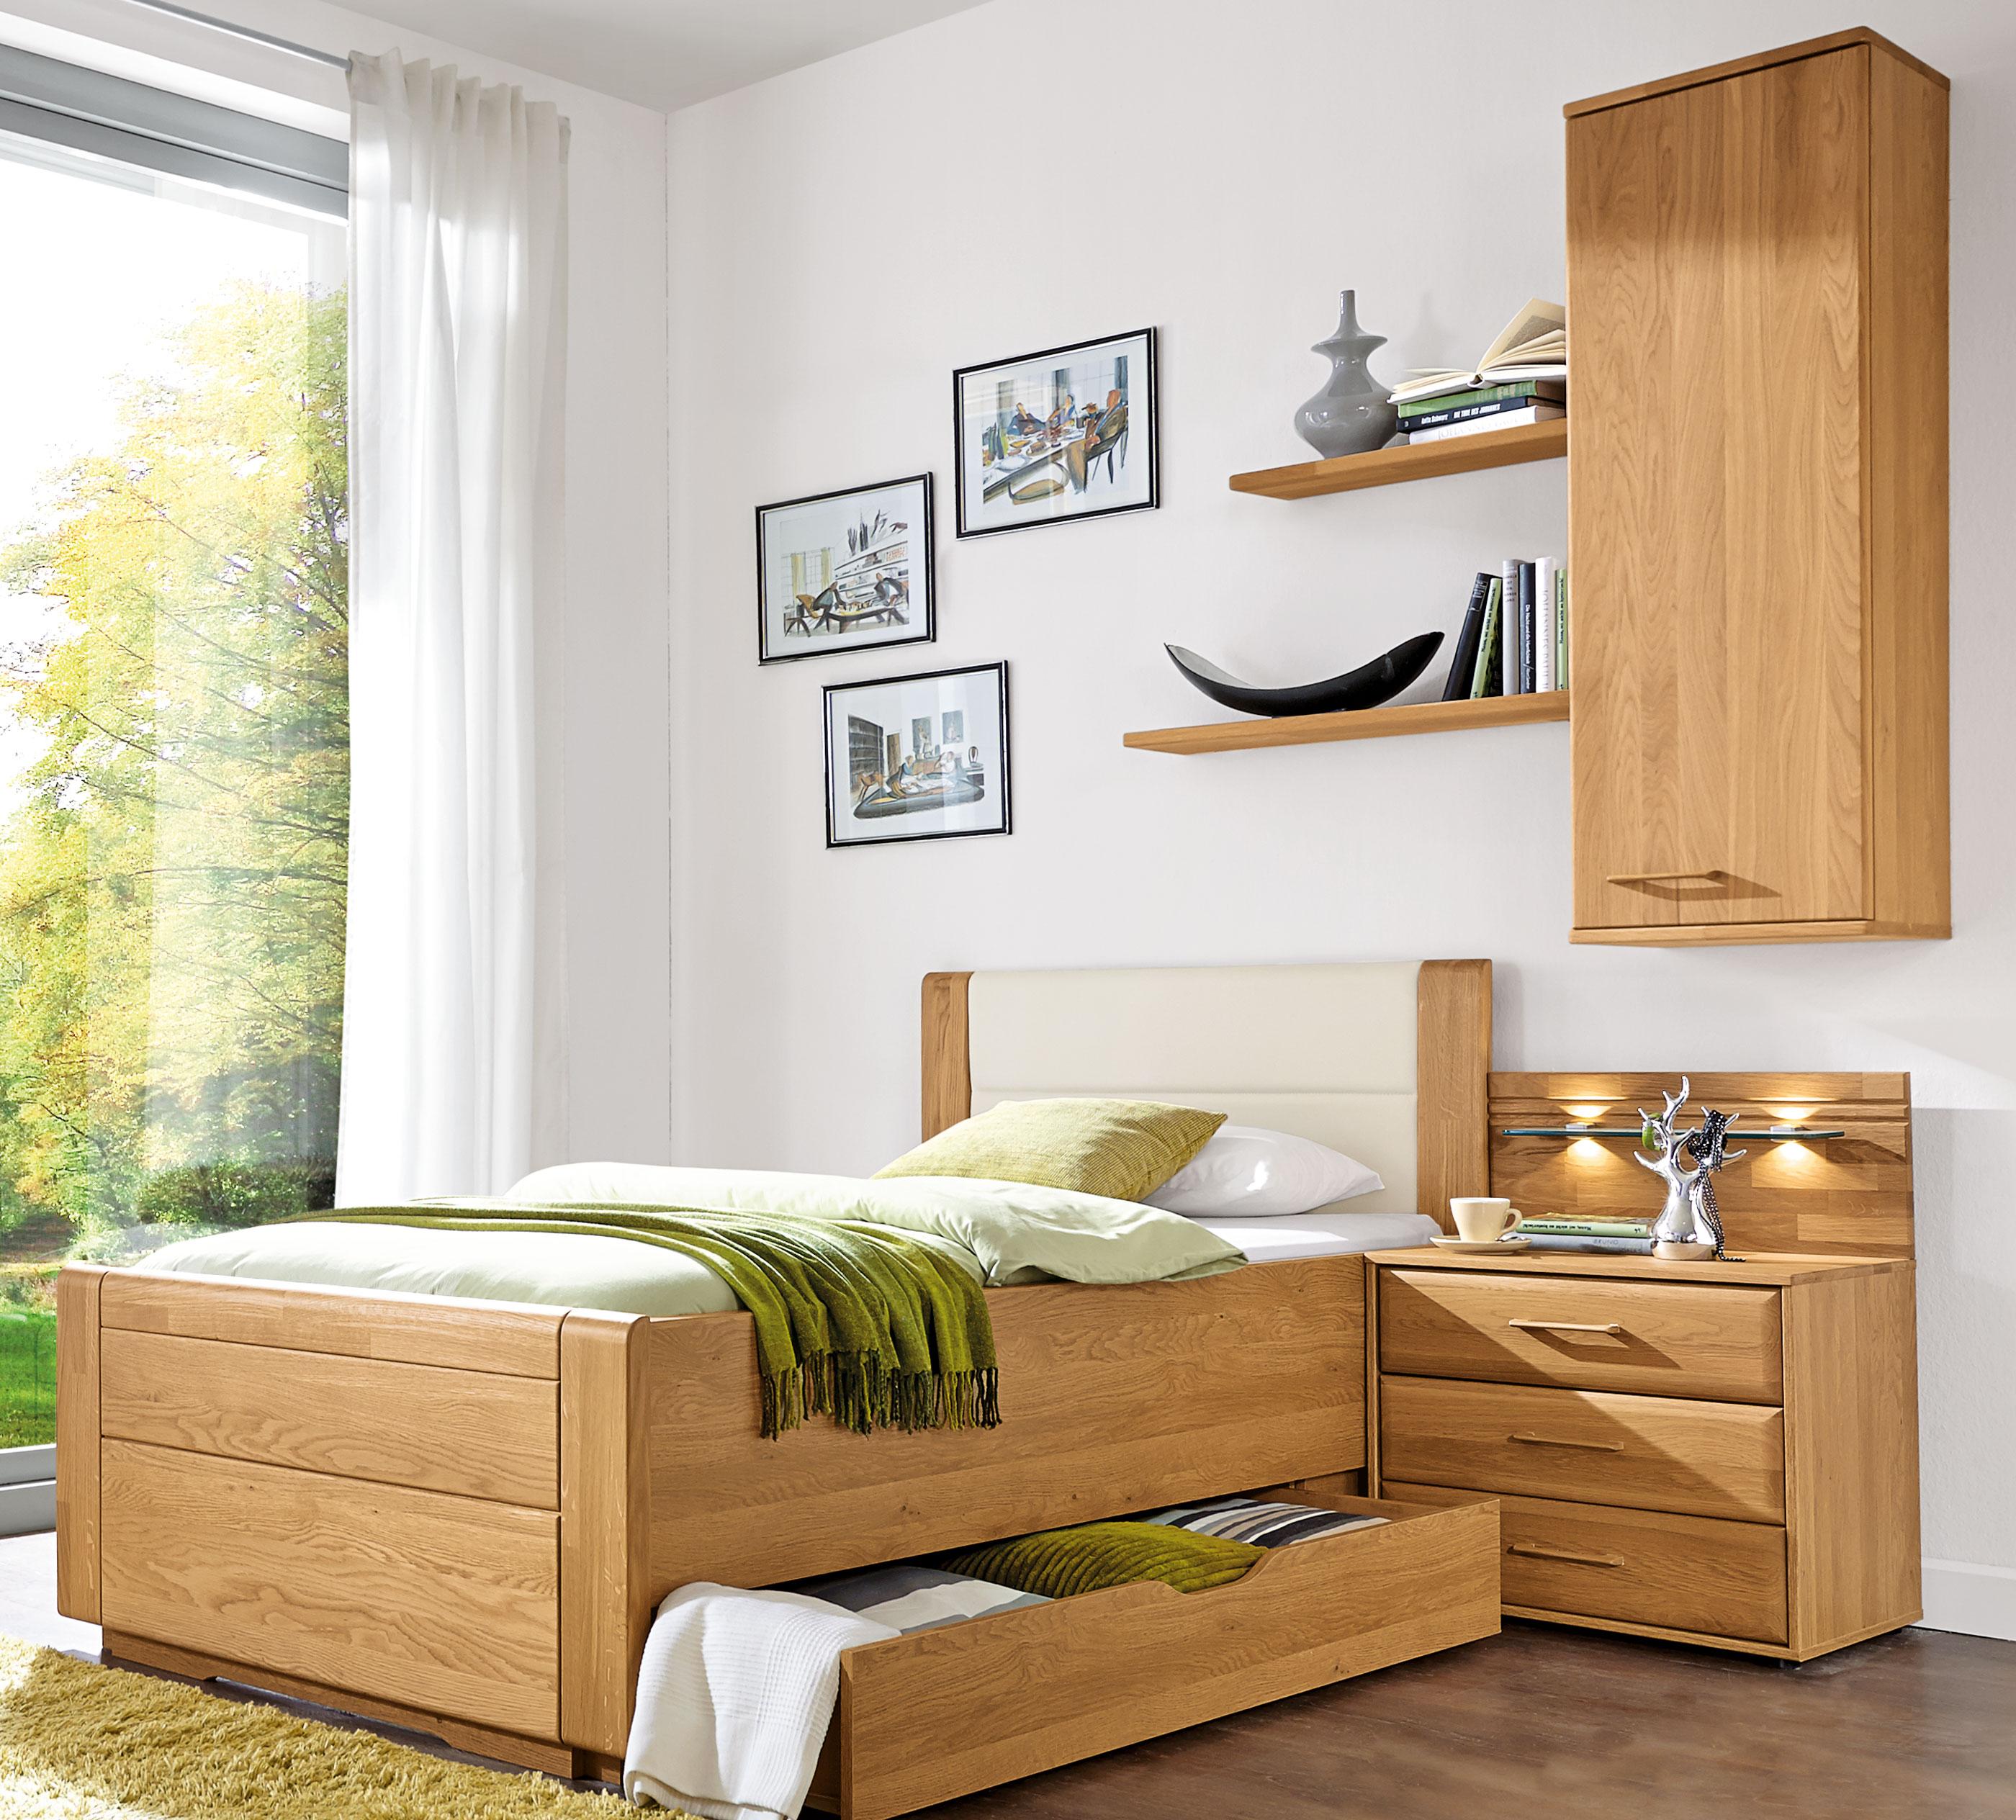 Wiemann Lido Bett eiche 100x200 cm